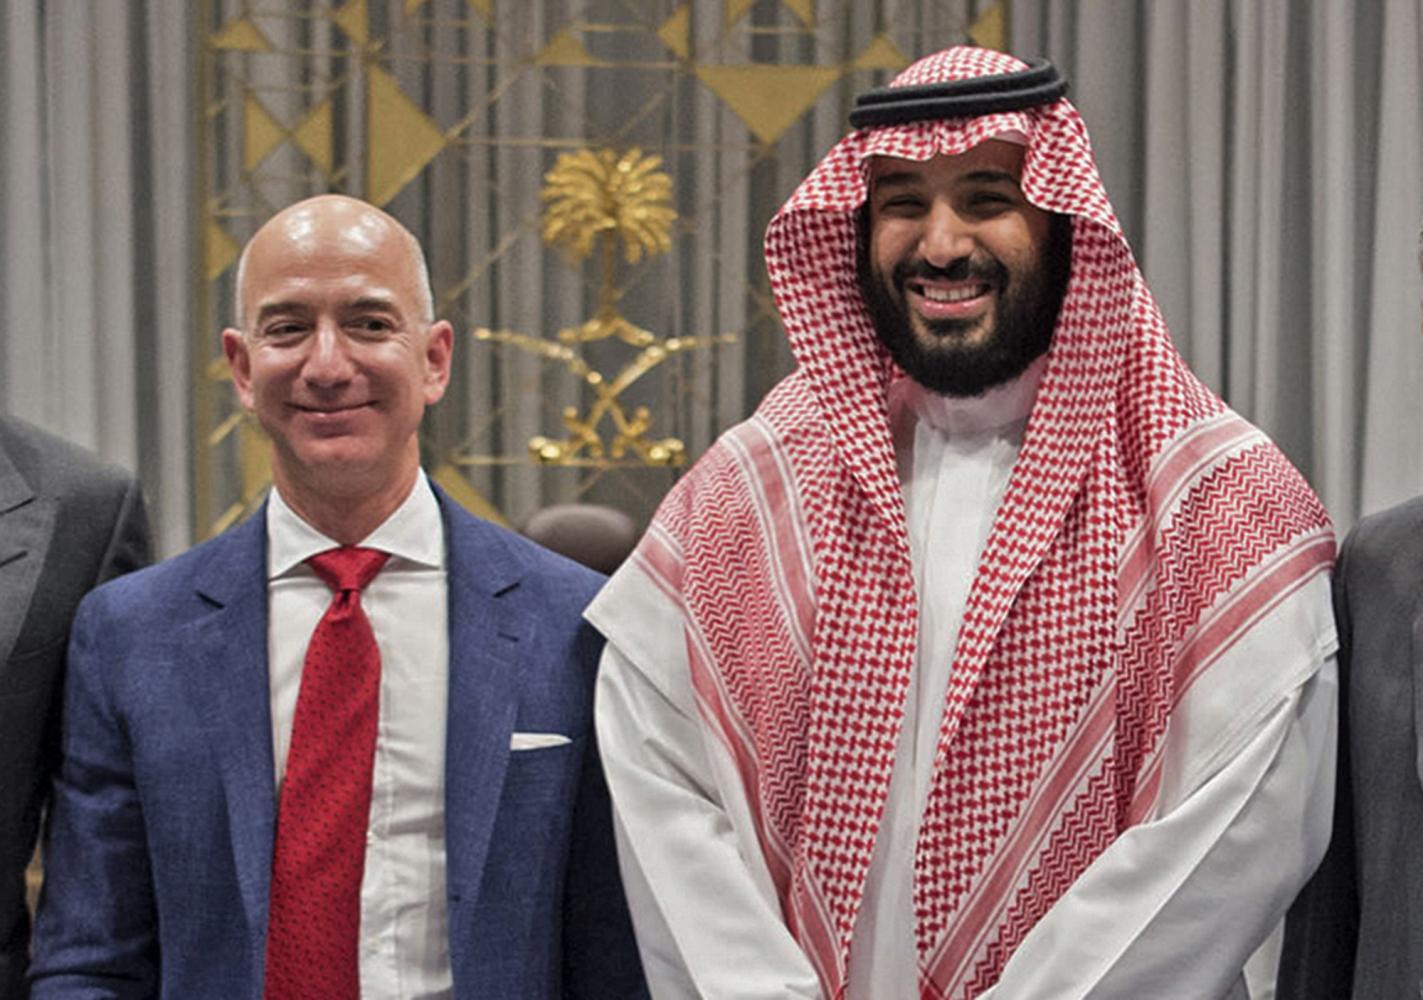 Saudi Crown Prince Mohammed bin Salman (right) and Amazon CEO Jeff Bezos during the latter's visit to Riyadh in November 2016. (AFP PHOTO/SAUDI ROYAL PALACE/BANDAR AL-JALOUD)